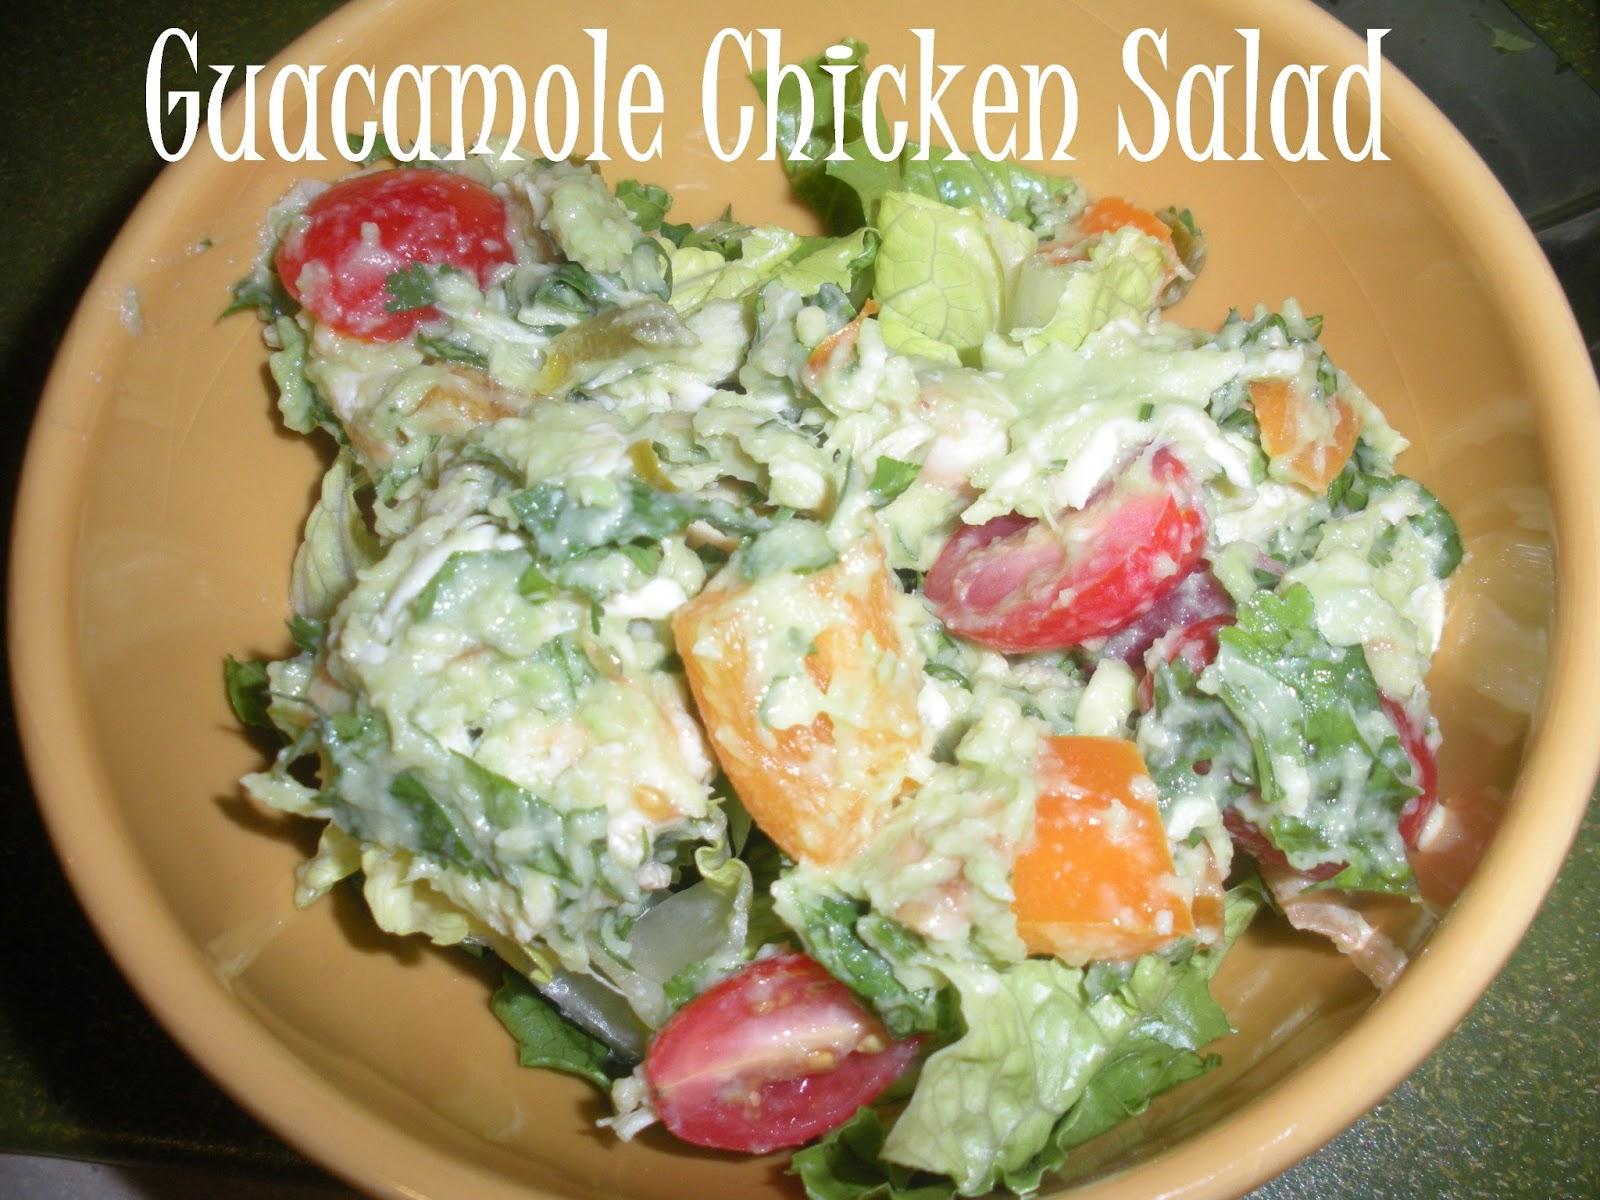 Domestic 360: My Whole 30 Journey - Guacamole Chicken Salad Recipe